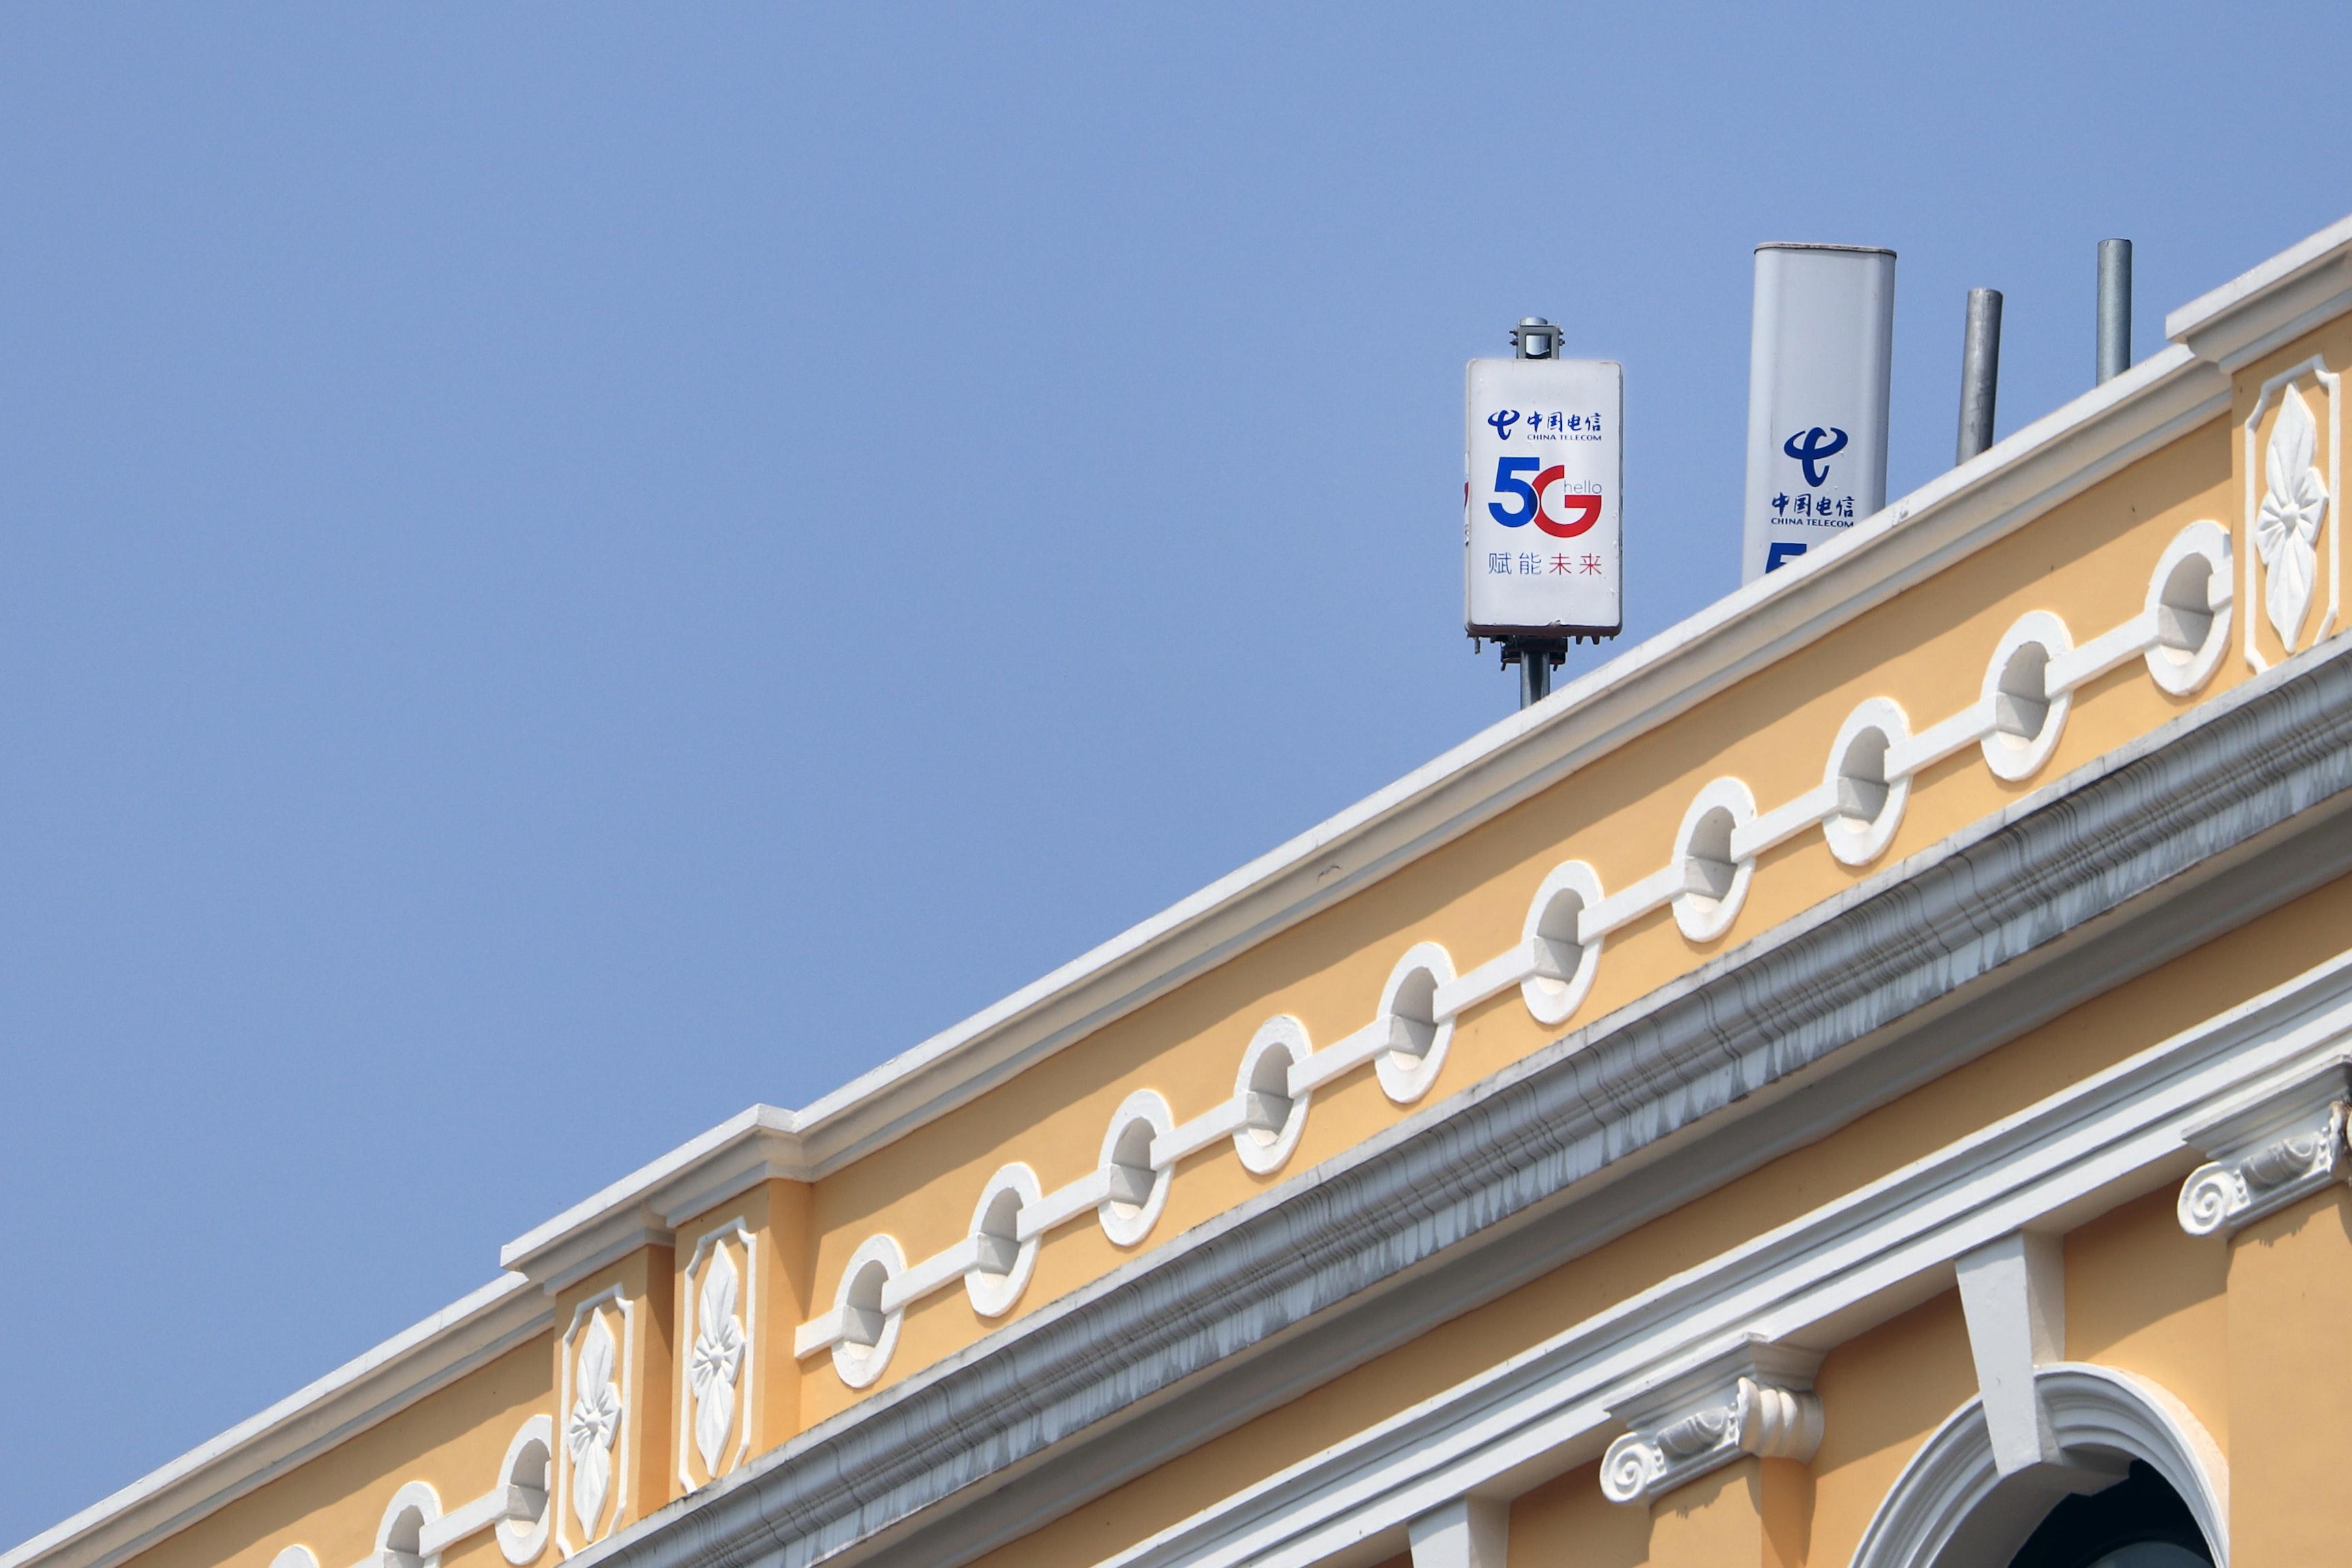 maszt zapewniajacy sieć 5g na dachu budynku